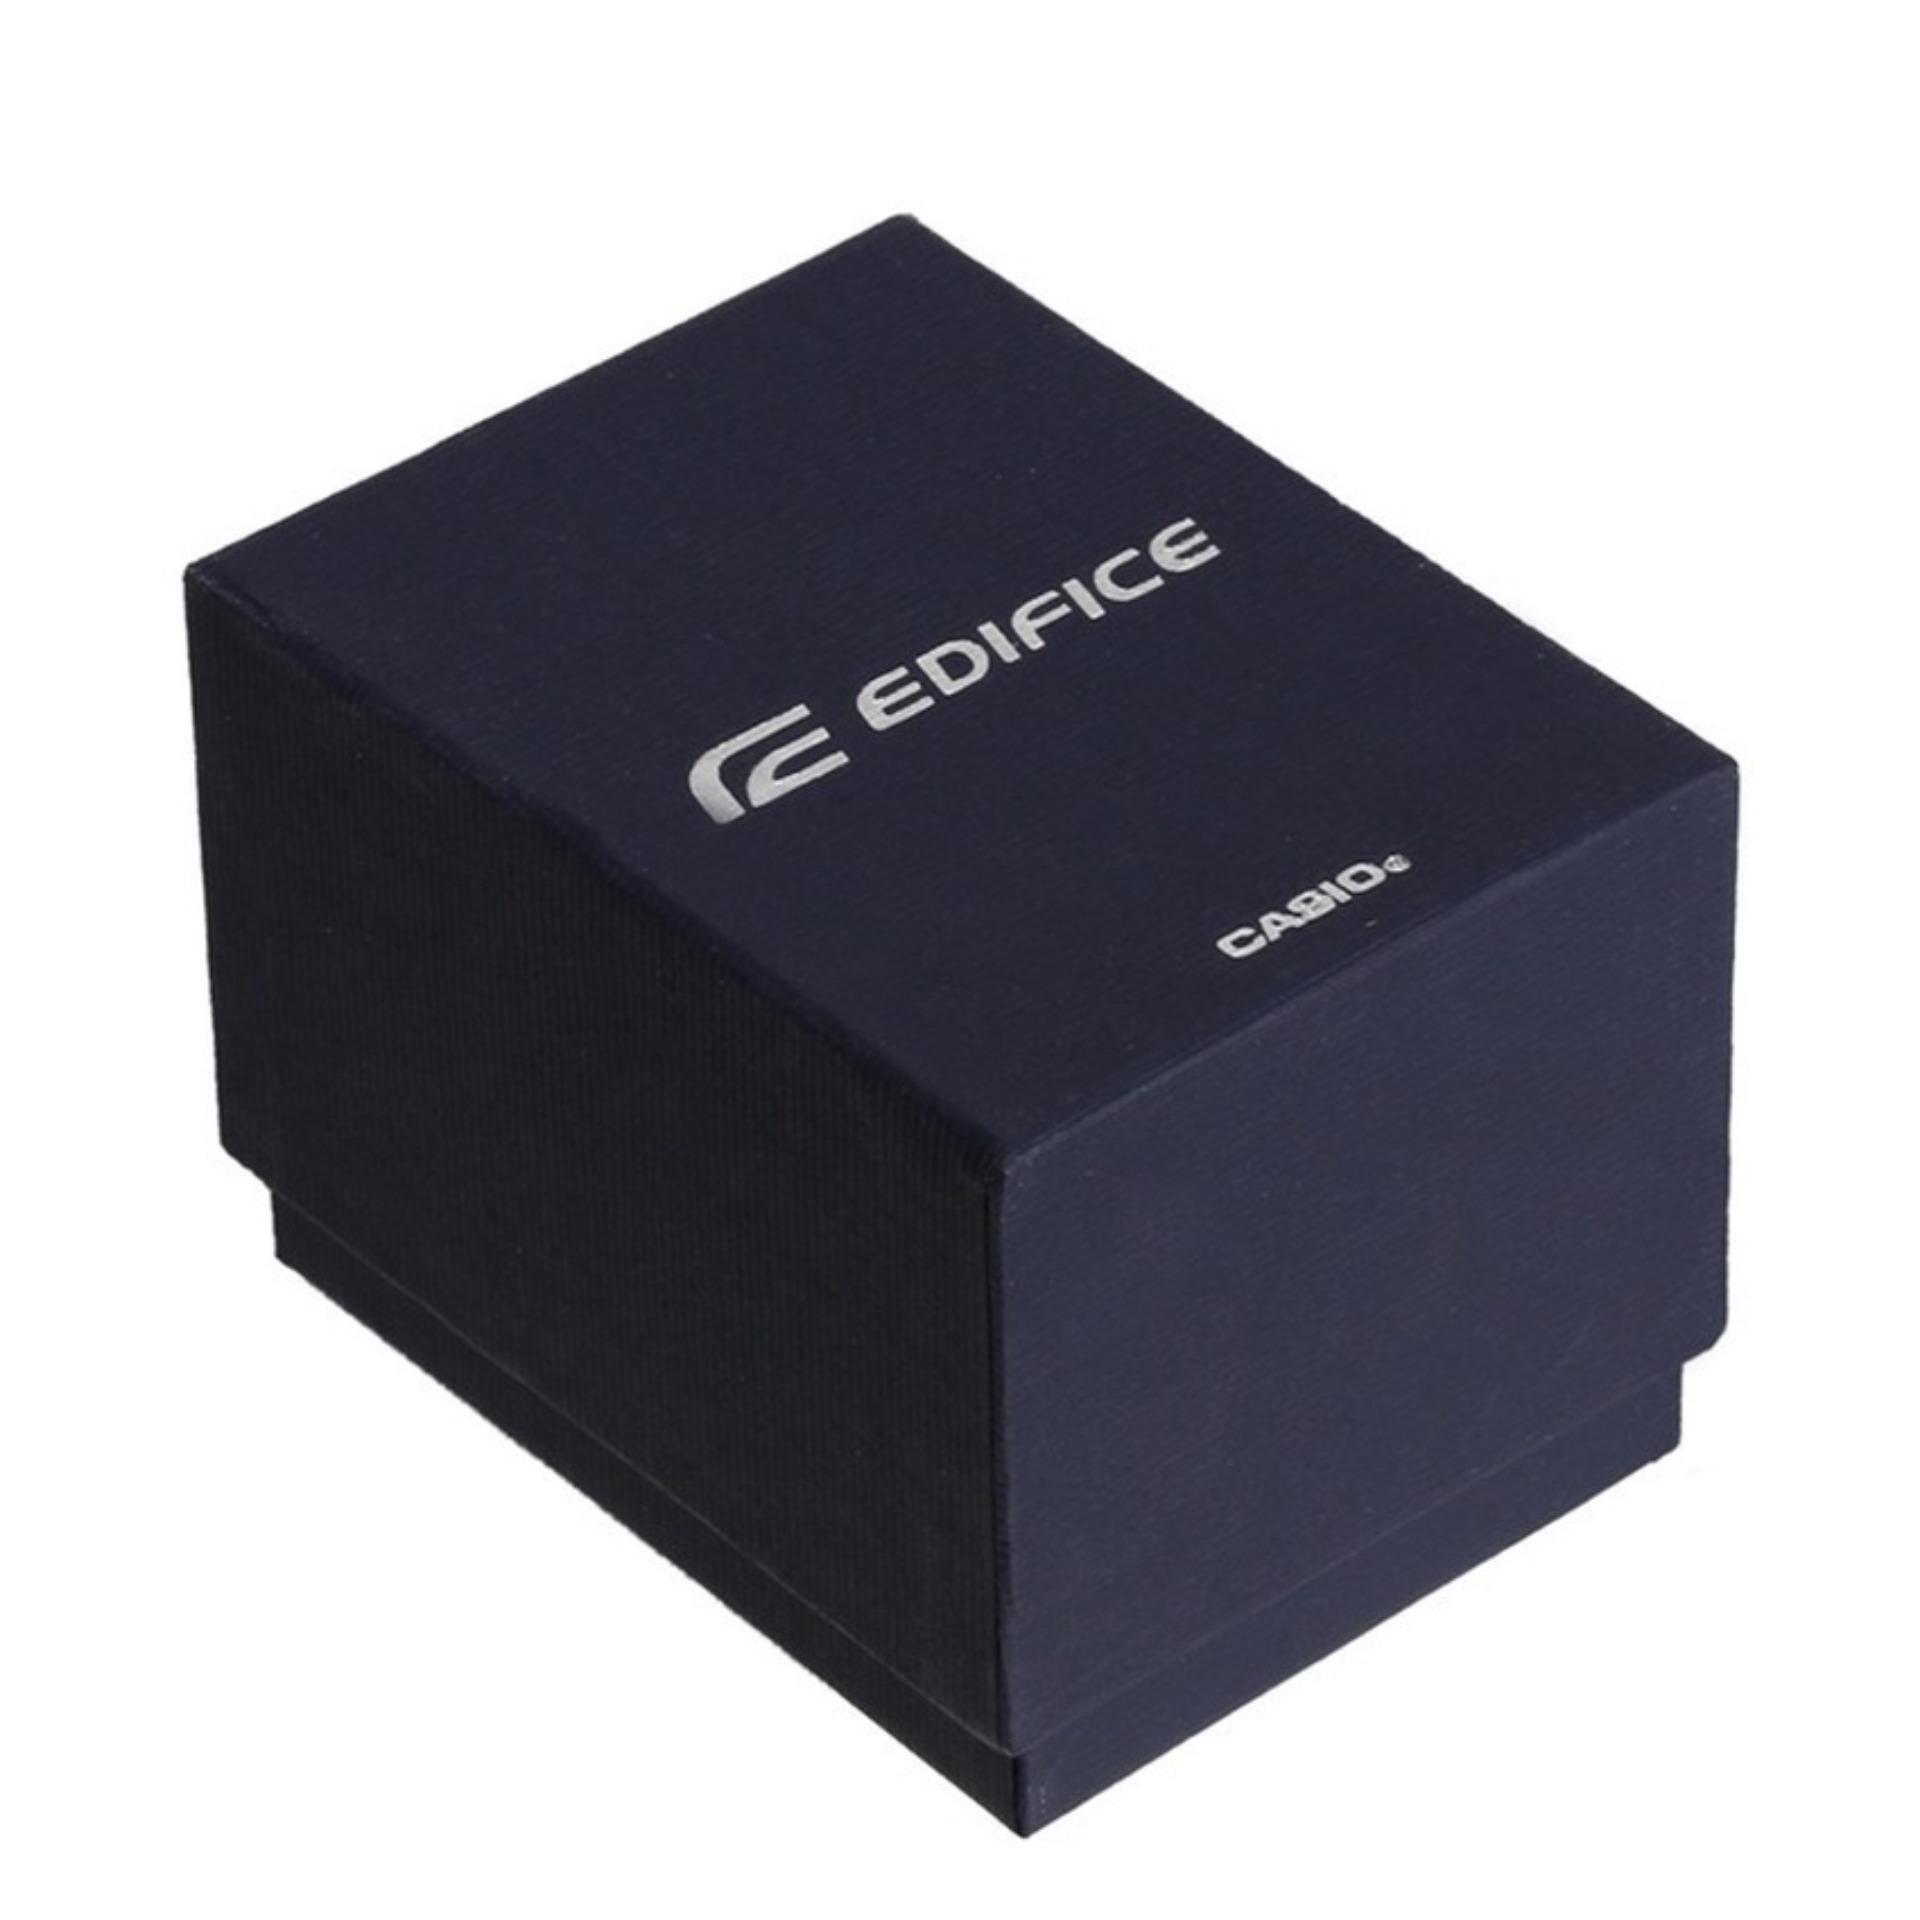 Harga Penawaran Casio Edifice Efe 504rbsp Jam Tangan Pria Silver Efa 133d 8avdf Stainless Steel Grey